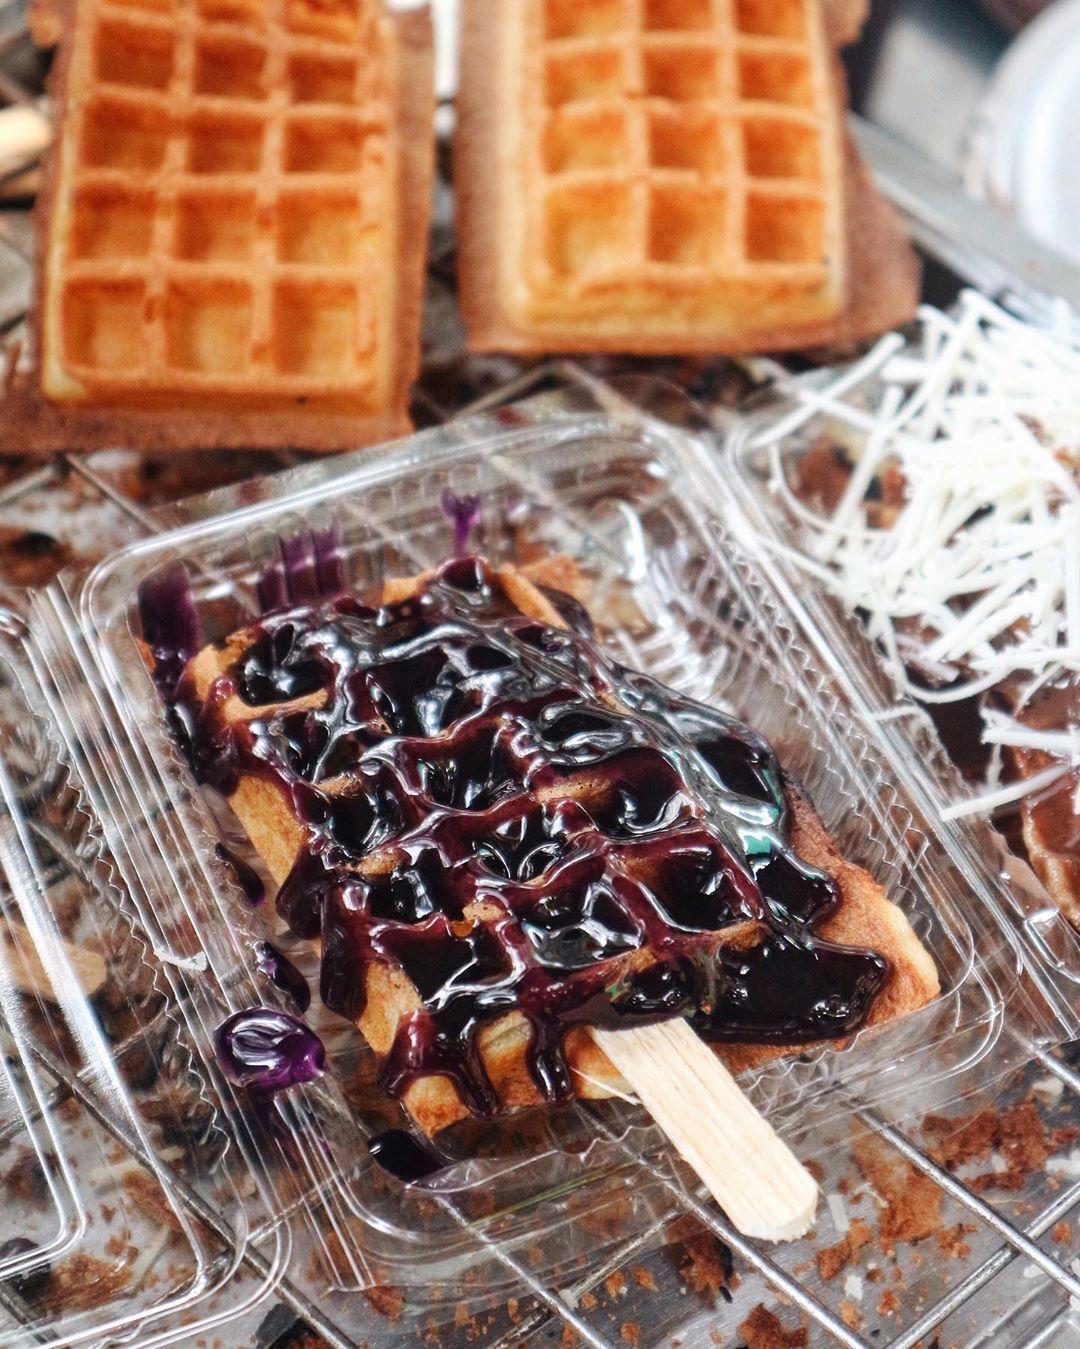 Waffle Toby Waffle Kaki Lima Rasa Bintang Lima Asli Rasanya Enak Banget Padahal Cuma Jajanan Pinggiran Tapi Rasanya Juara Dan H Food Breakfast Waffles